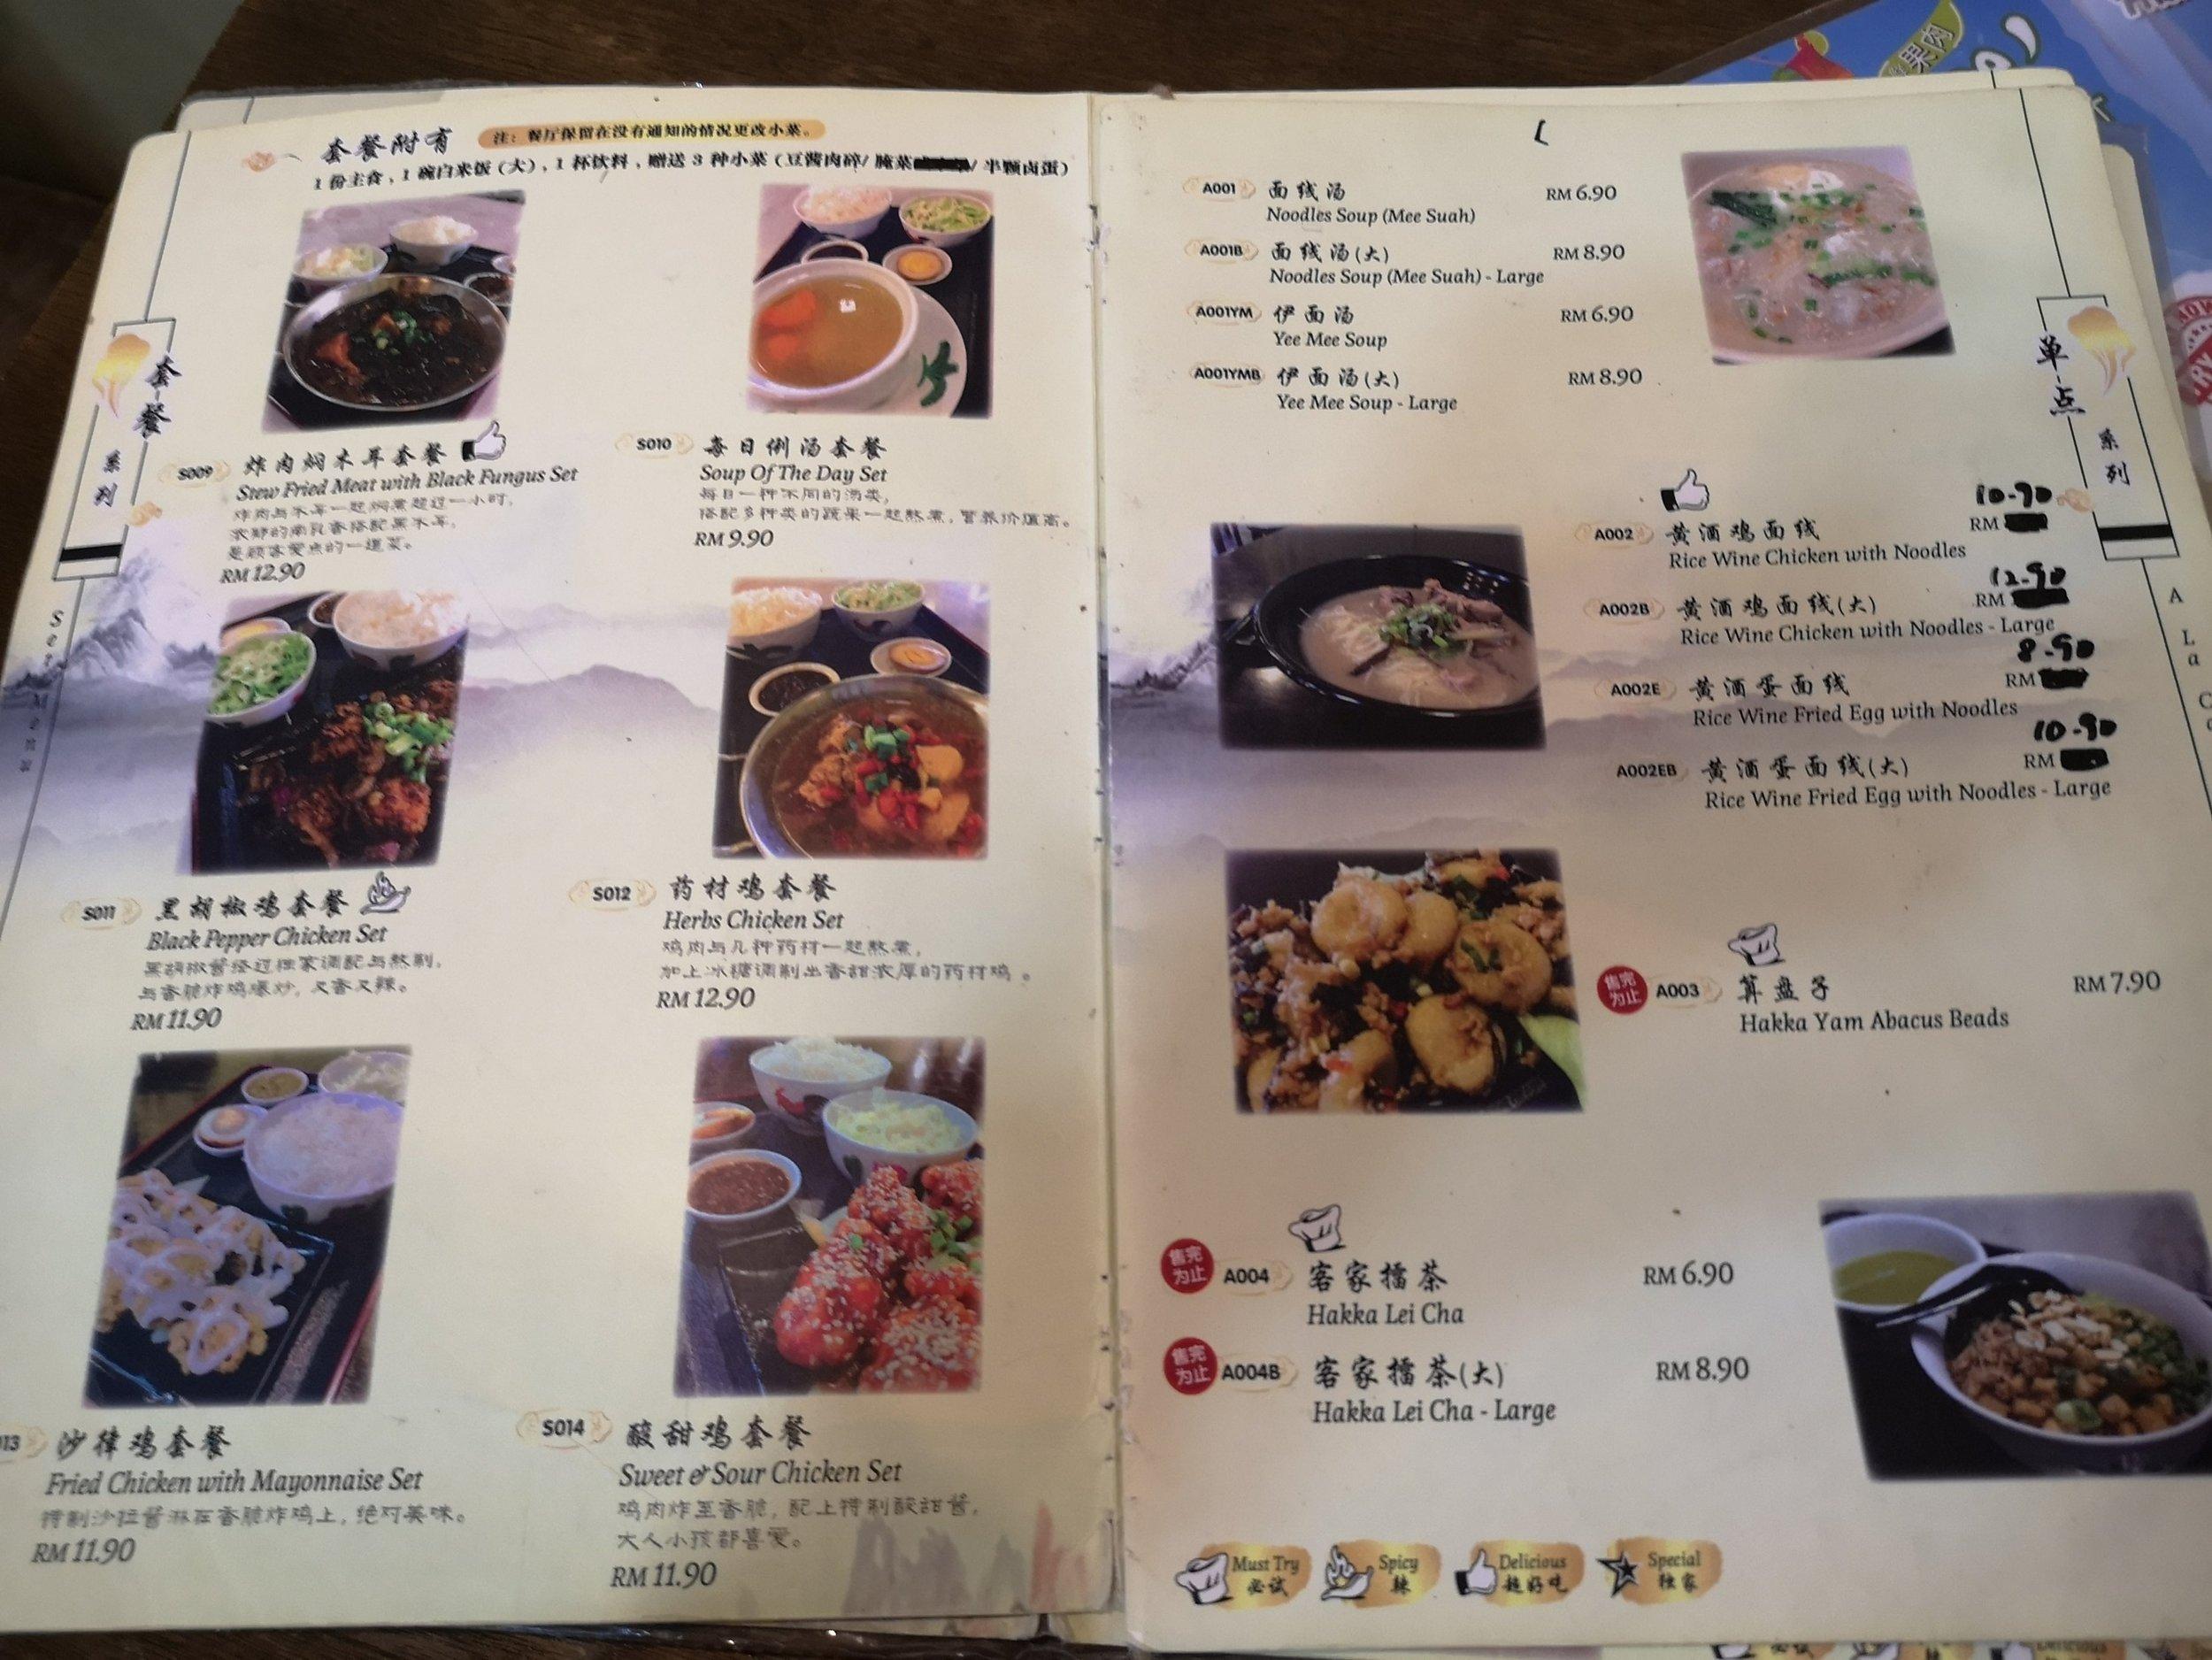 Hakka Traditional Foods Menu Gelang Patah 2